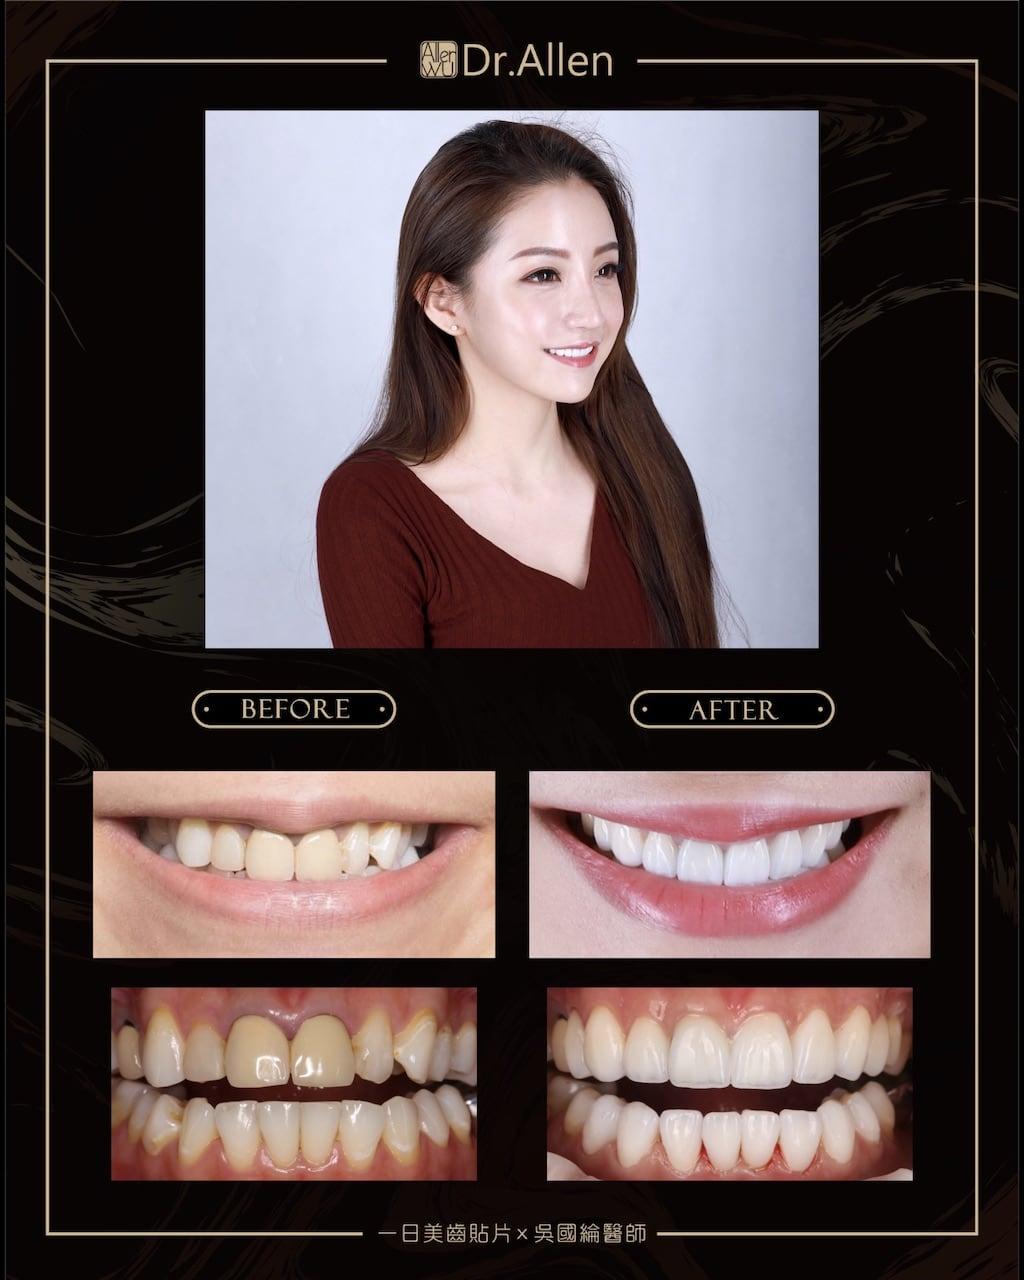 瓷牙貼片心得-齒列不整-門牙牙套邊緣發黑-台中牙齒美白推薦牙醫吳國綸醫師